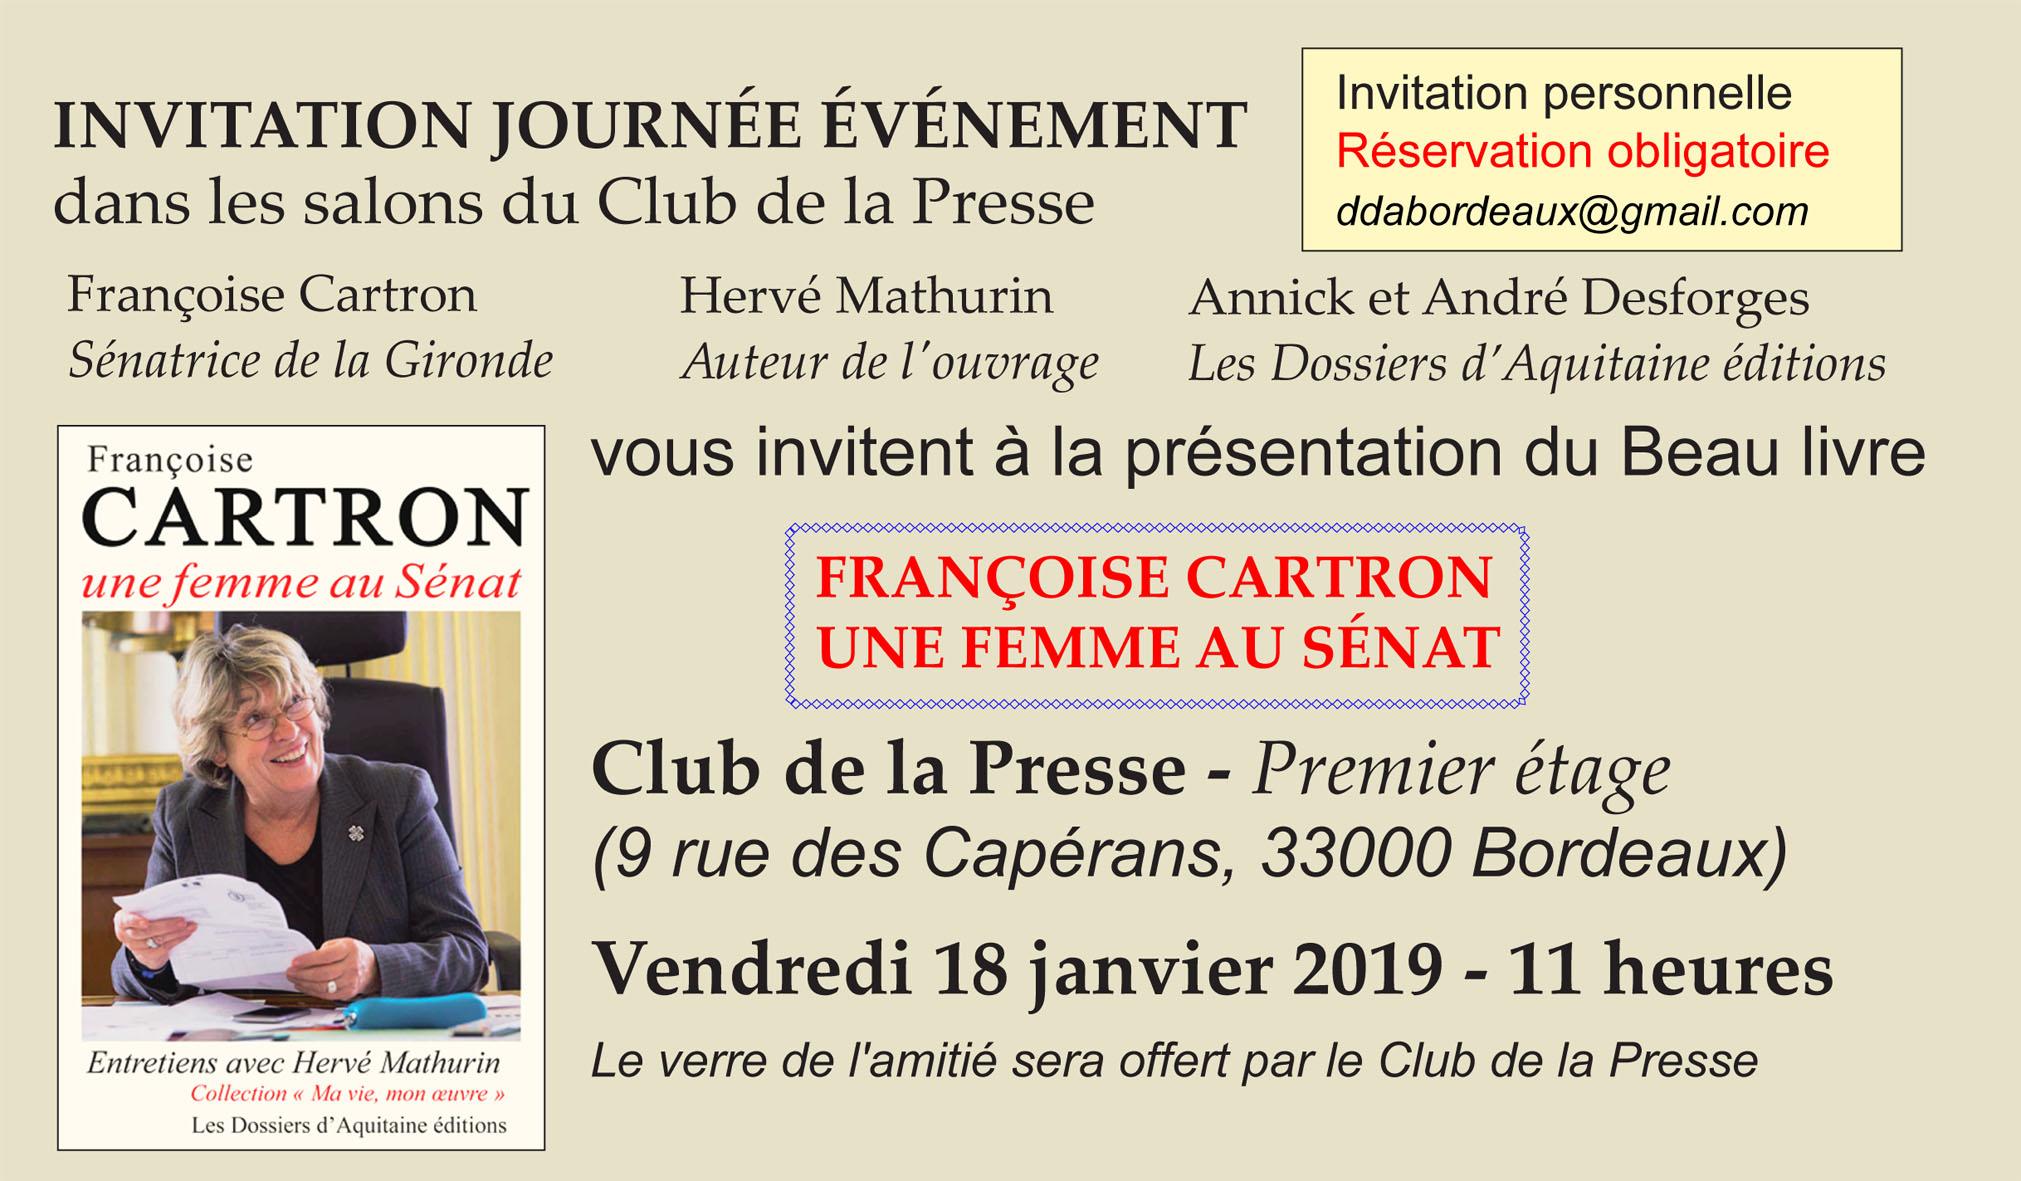 2019-01-18-bordeaux-invitation-cartron-club-de-la-presse-export-2